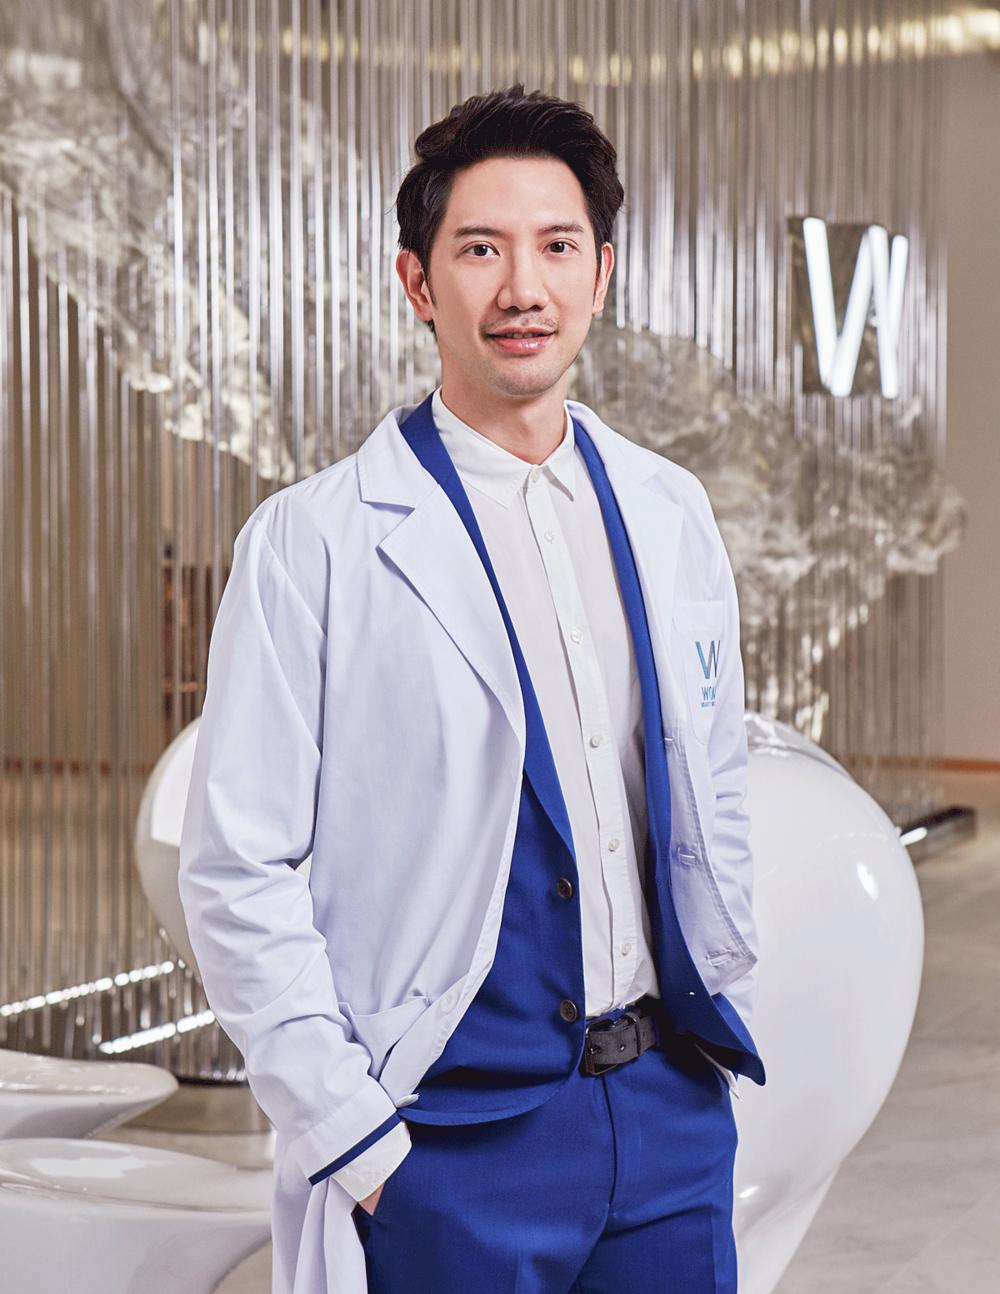 นพ. กนธร ปราณีประชาชน / Dr. Konthorn Praneeprachachon